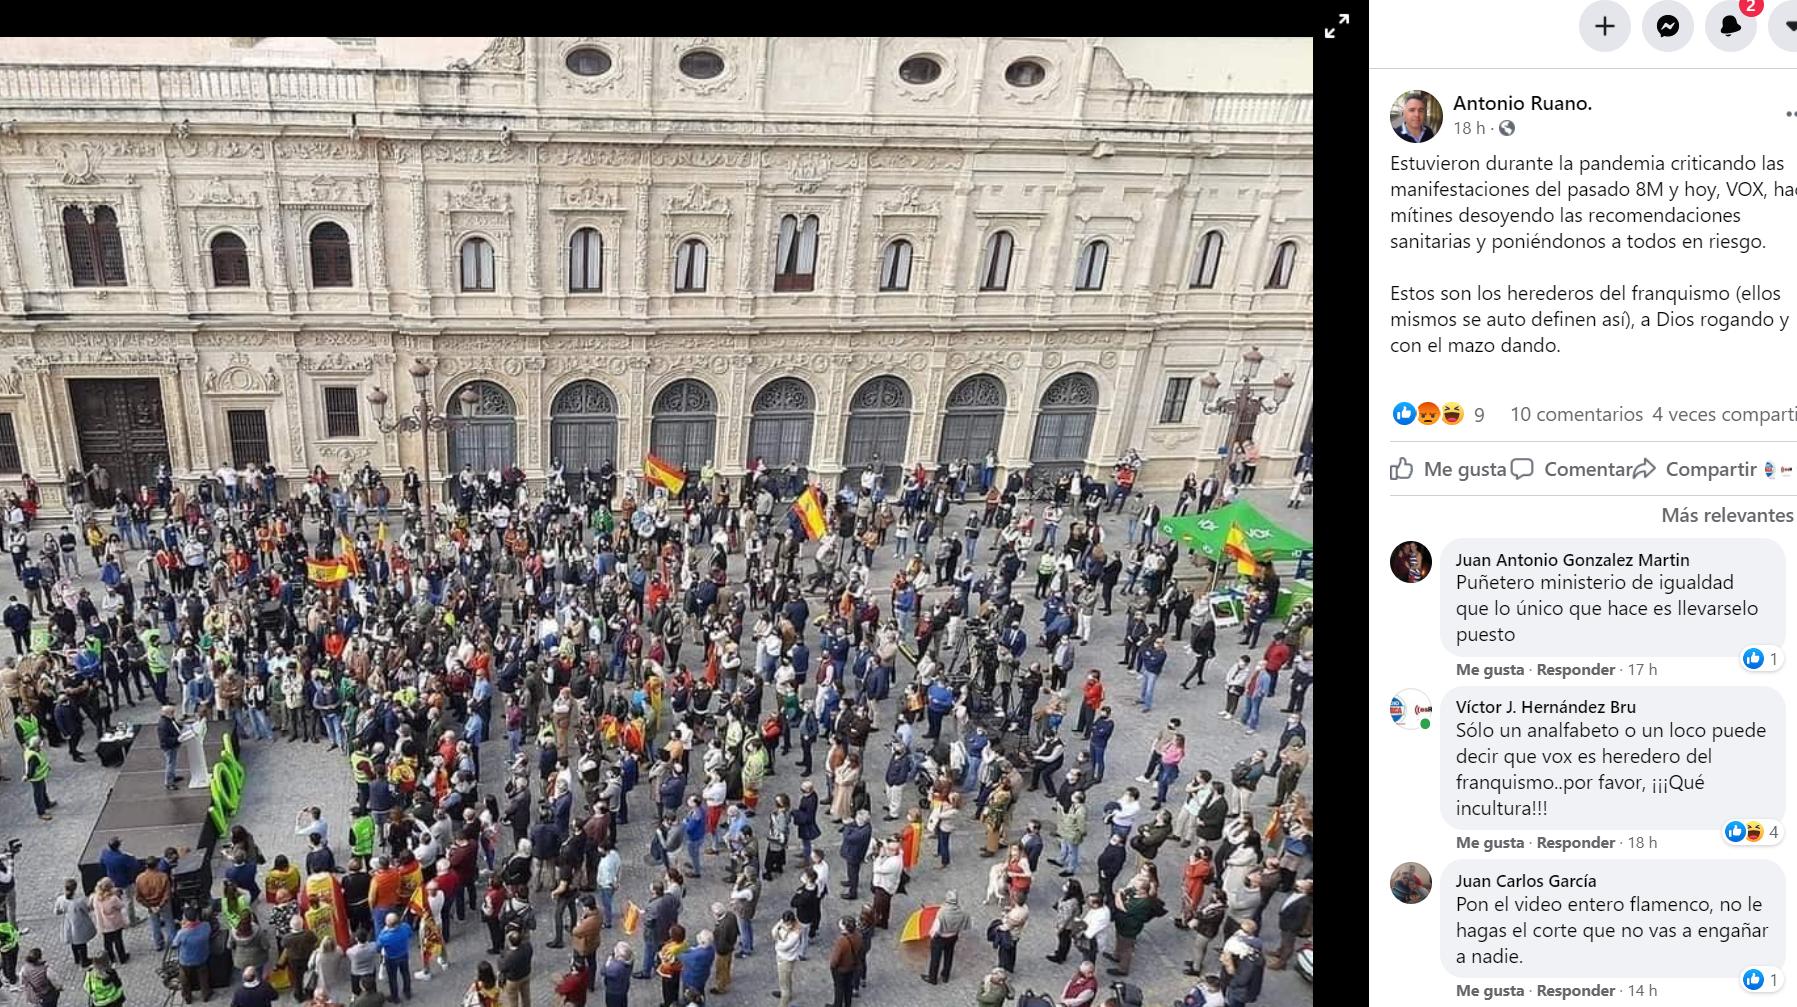 El concejal Antonio Ruano corta y manipula un vídeo de Vox en redes